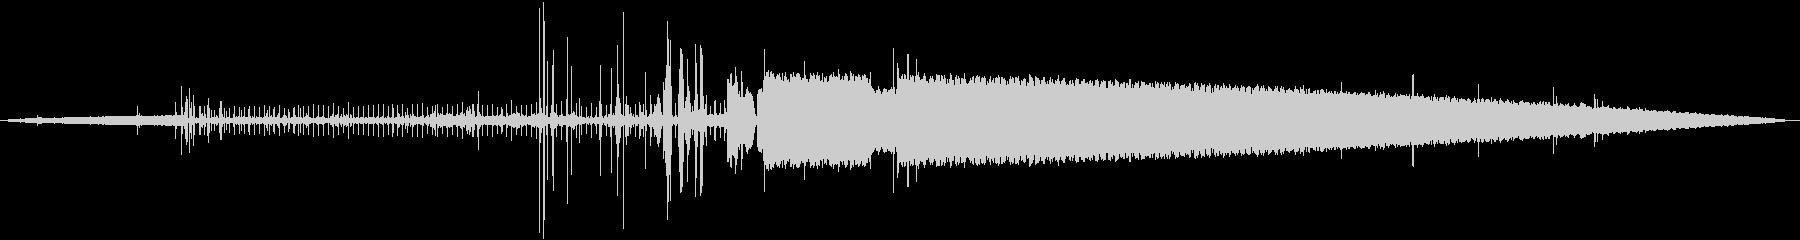 コンピュータのビープ音、インターフェイスの未再生の波形